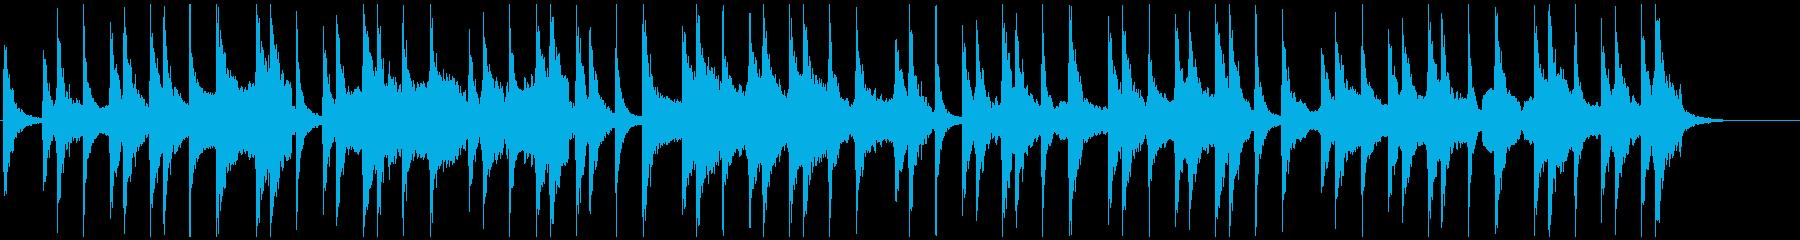 和風アンビエント 宴や侍イメージの和太鼓の再生済みの波形